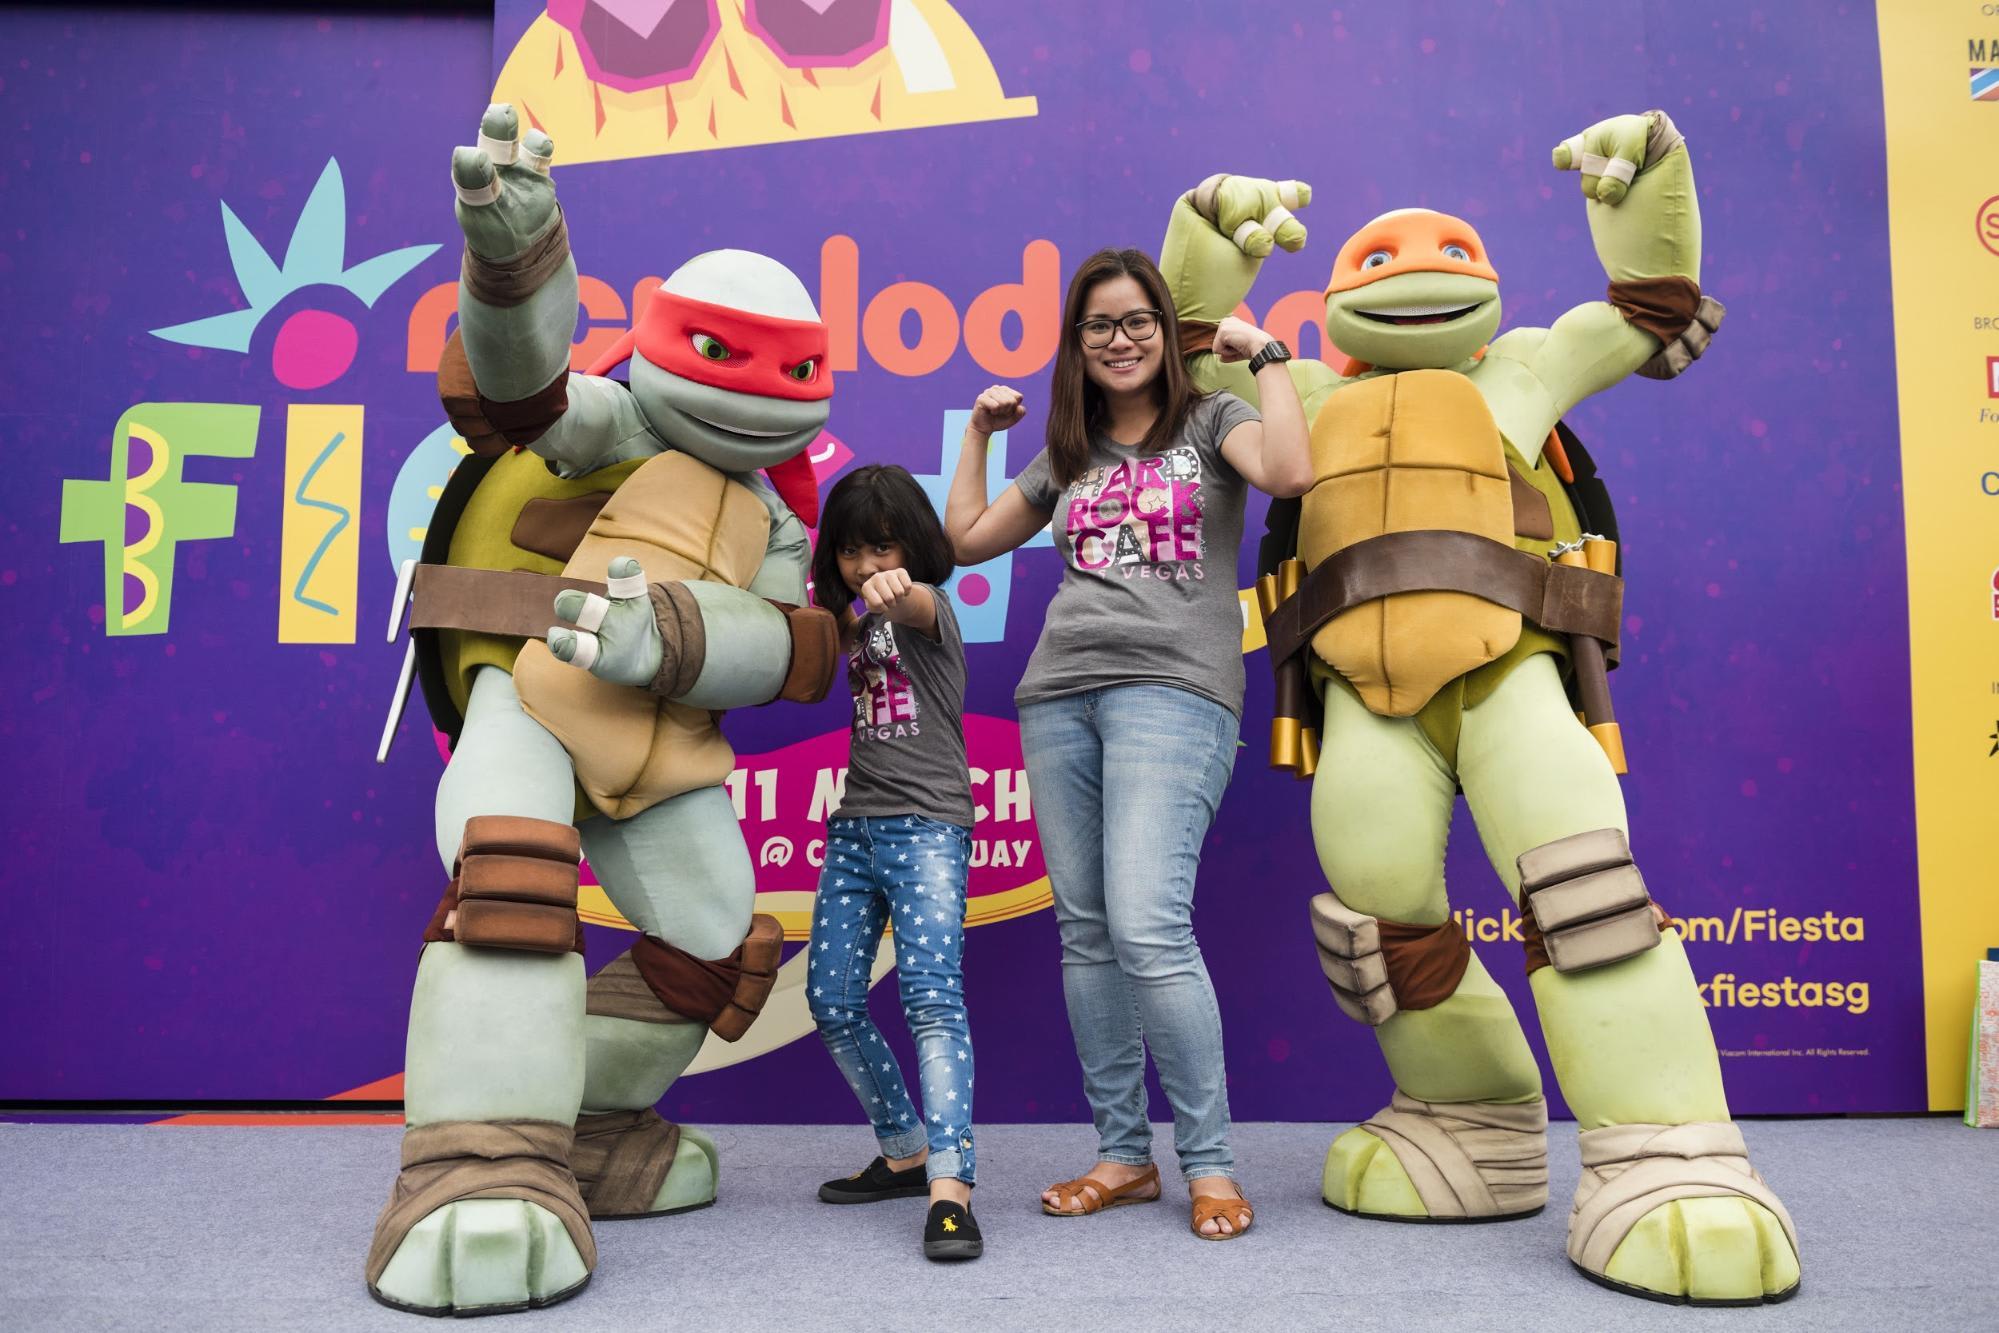 Nickelodeon Fiesta 2019